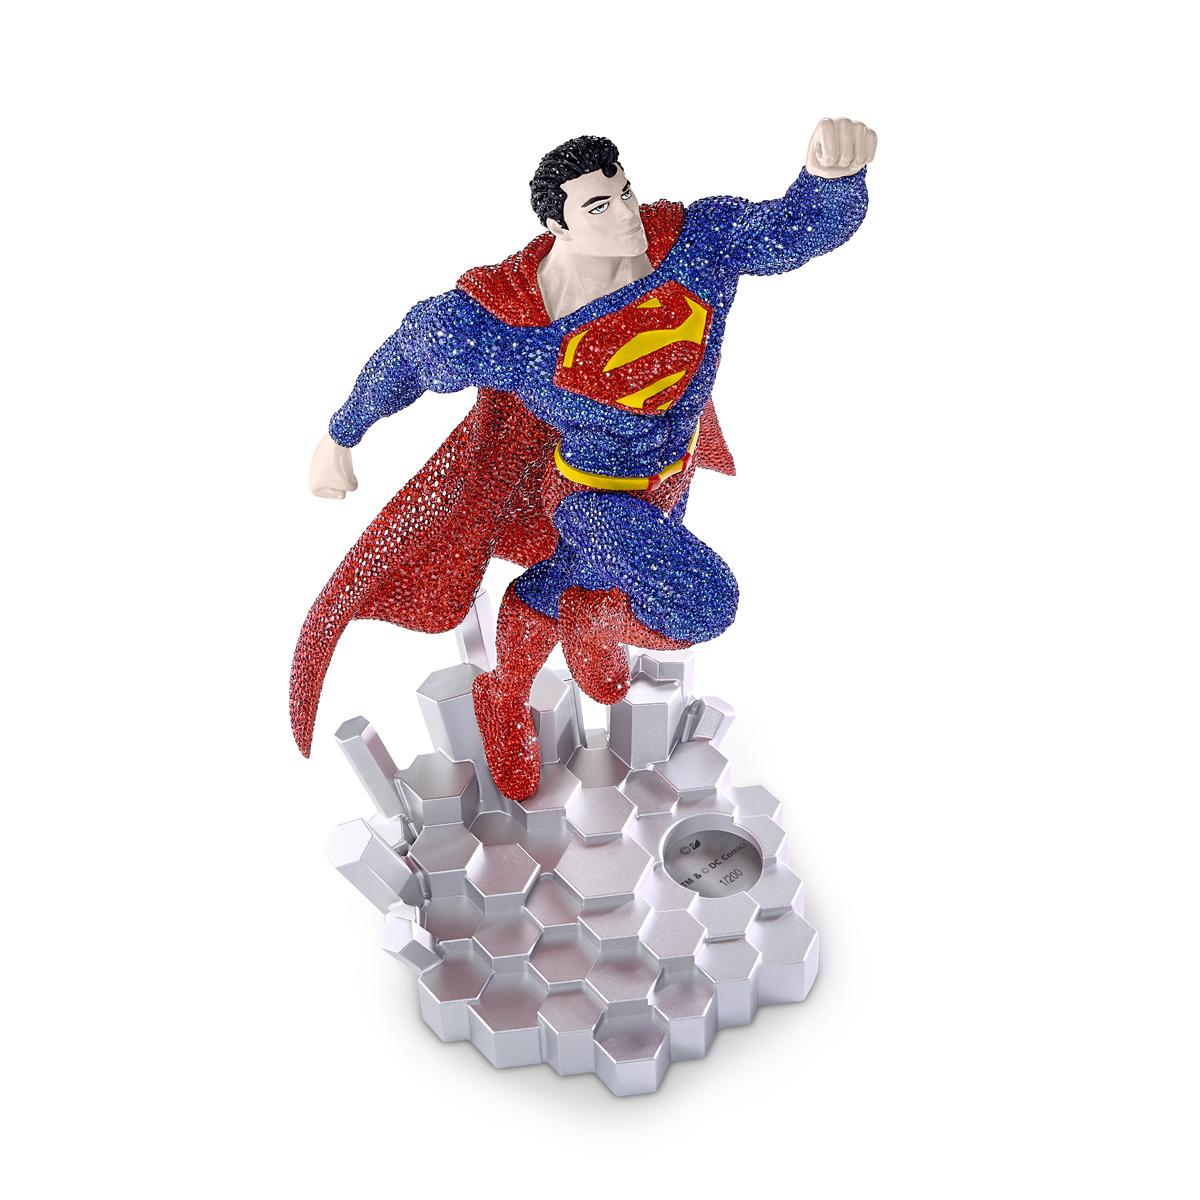 Swarovski Myriad Superman, Limited Edition